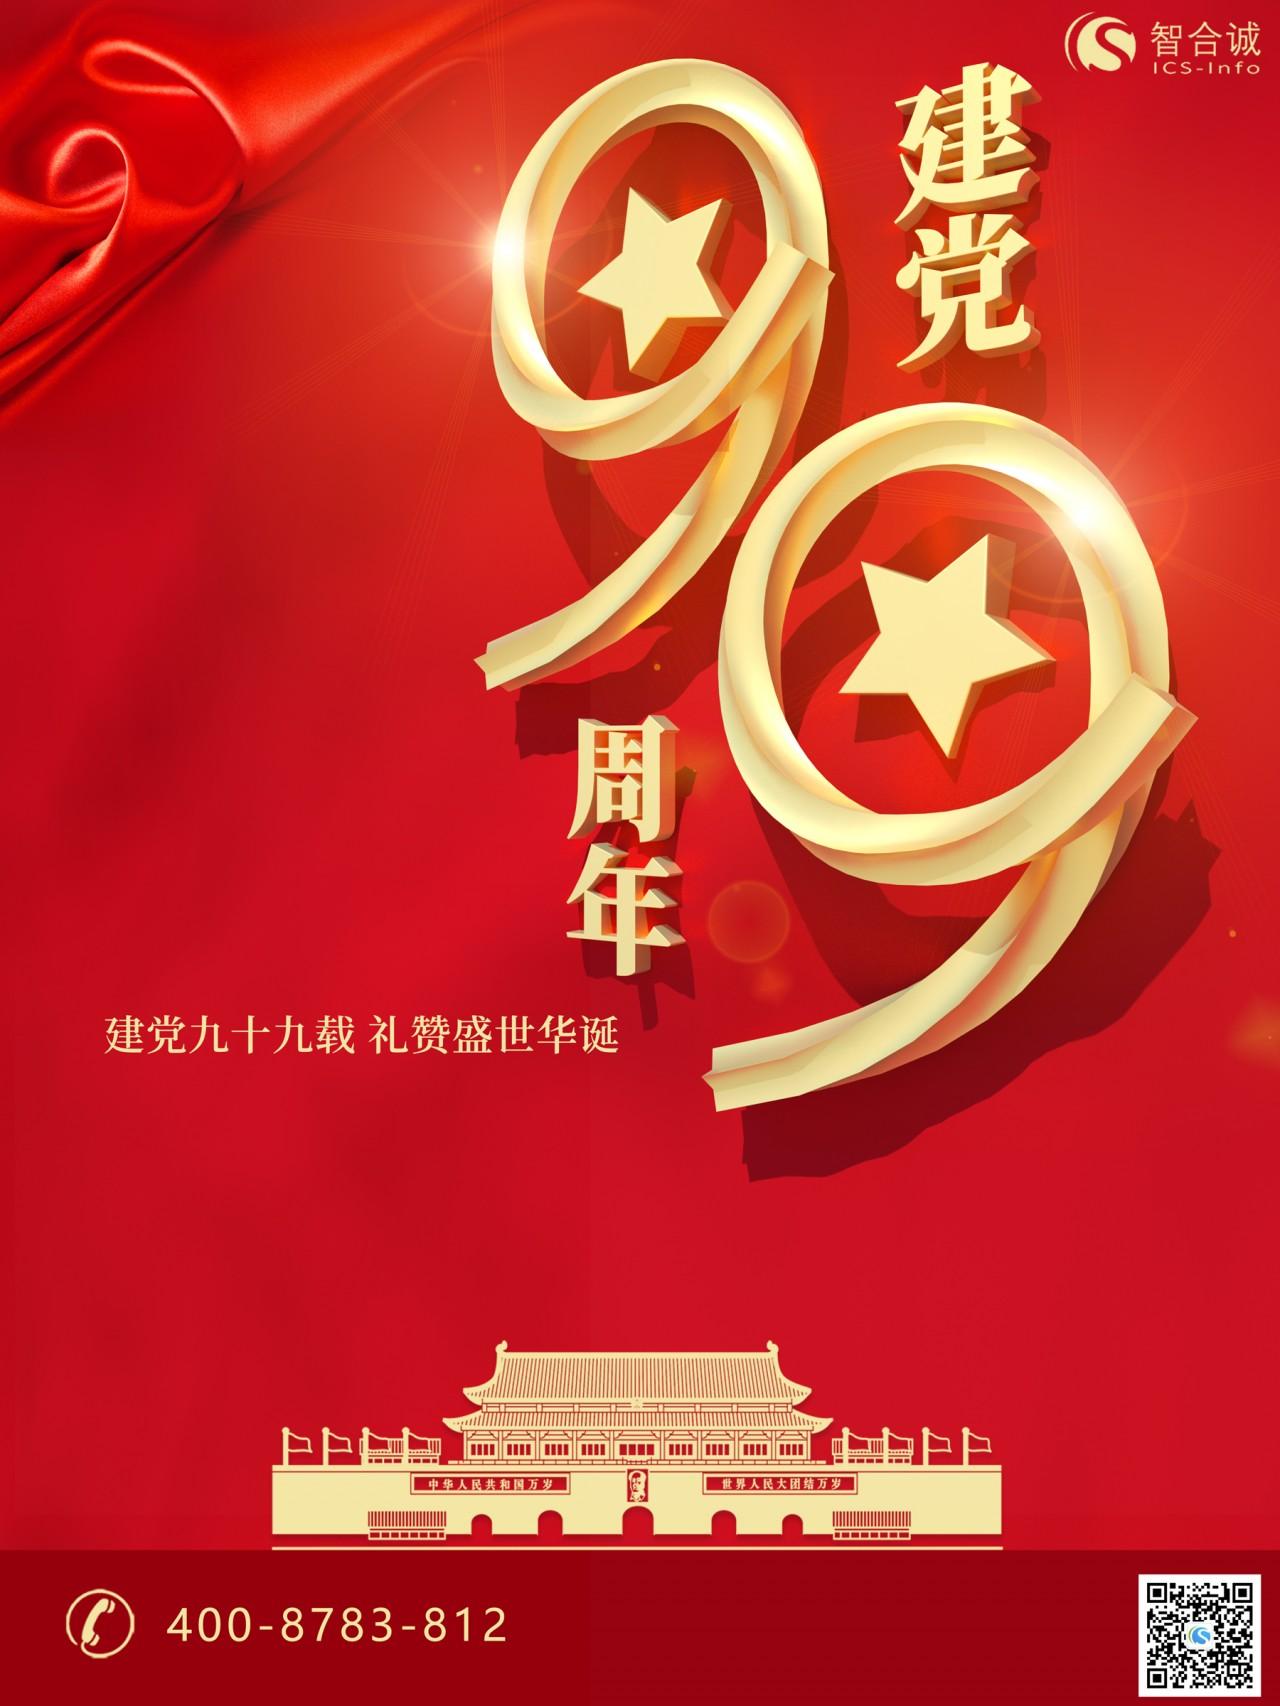 建党99周年周年庆海报.jpg